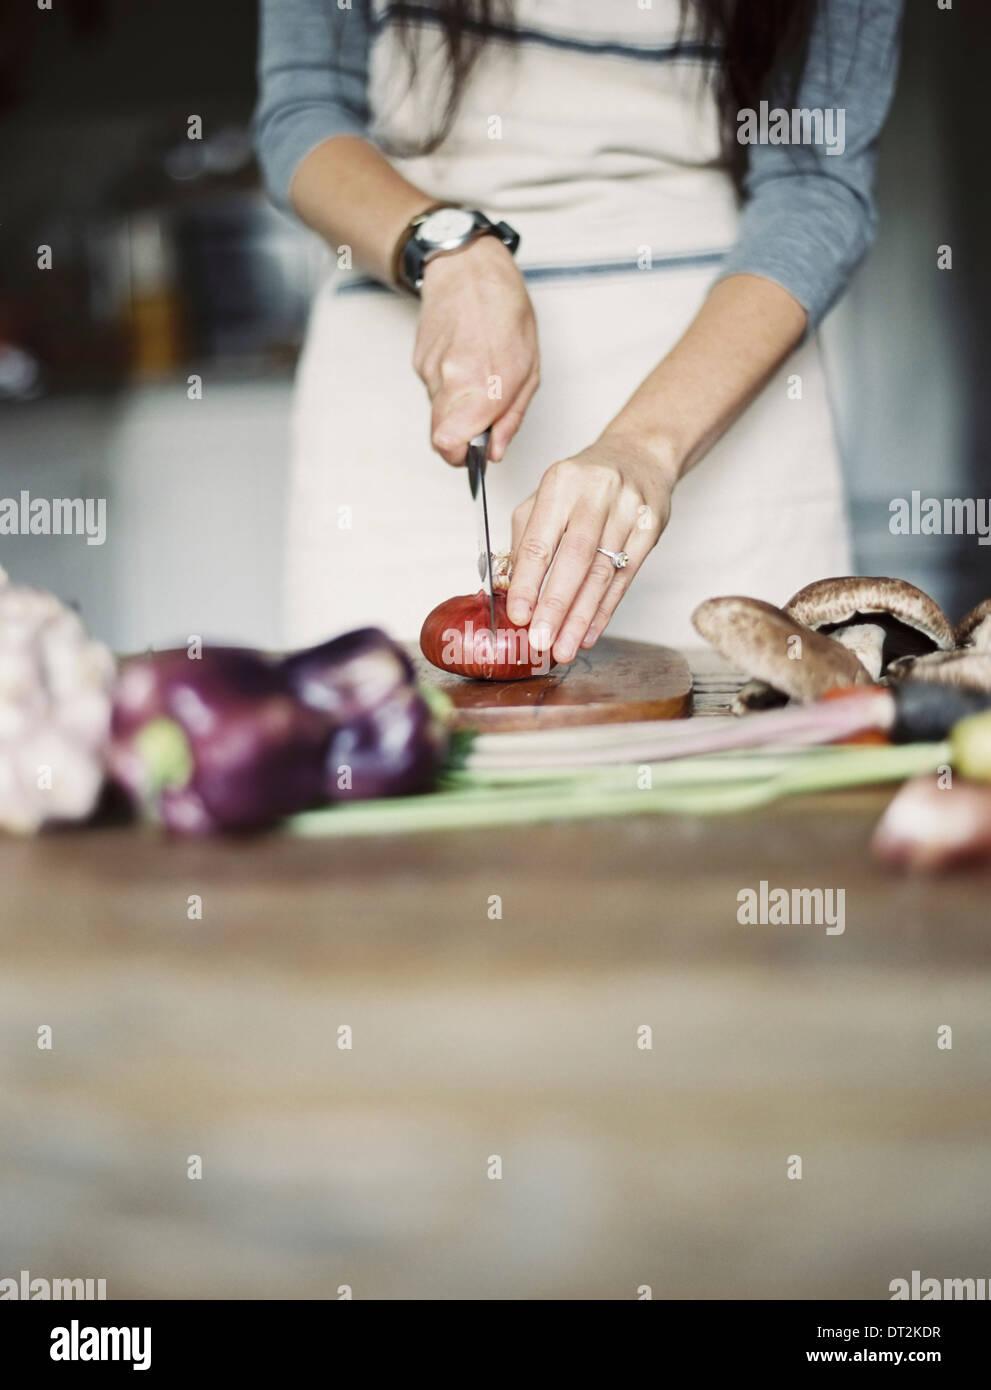 Una cucina domestica il piano di un tavolo giovane donna tritare verdure fresche con un coltello Immagini Stock